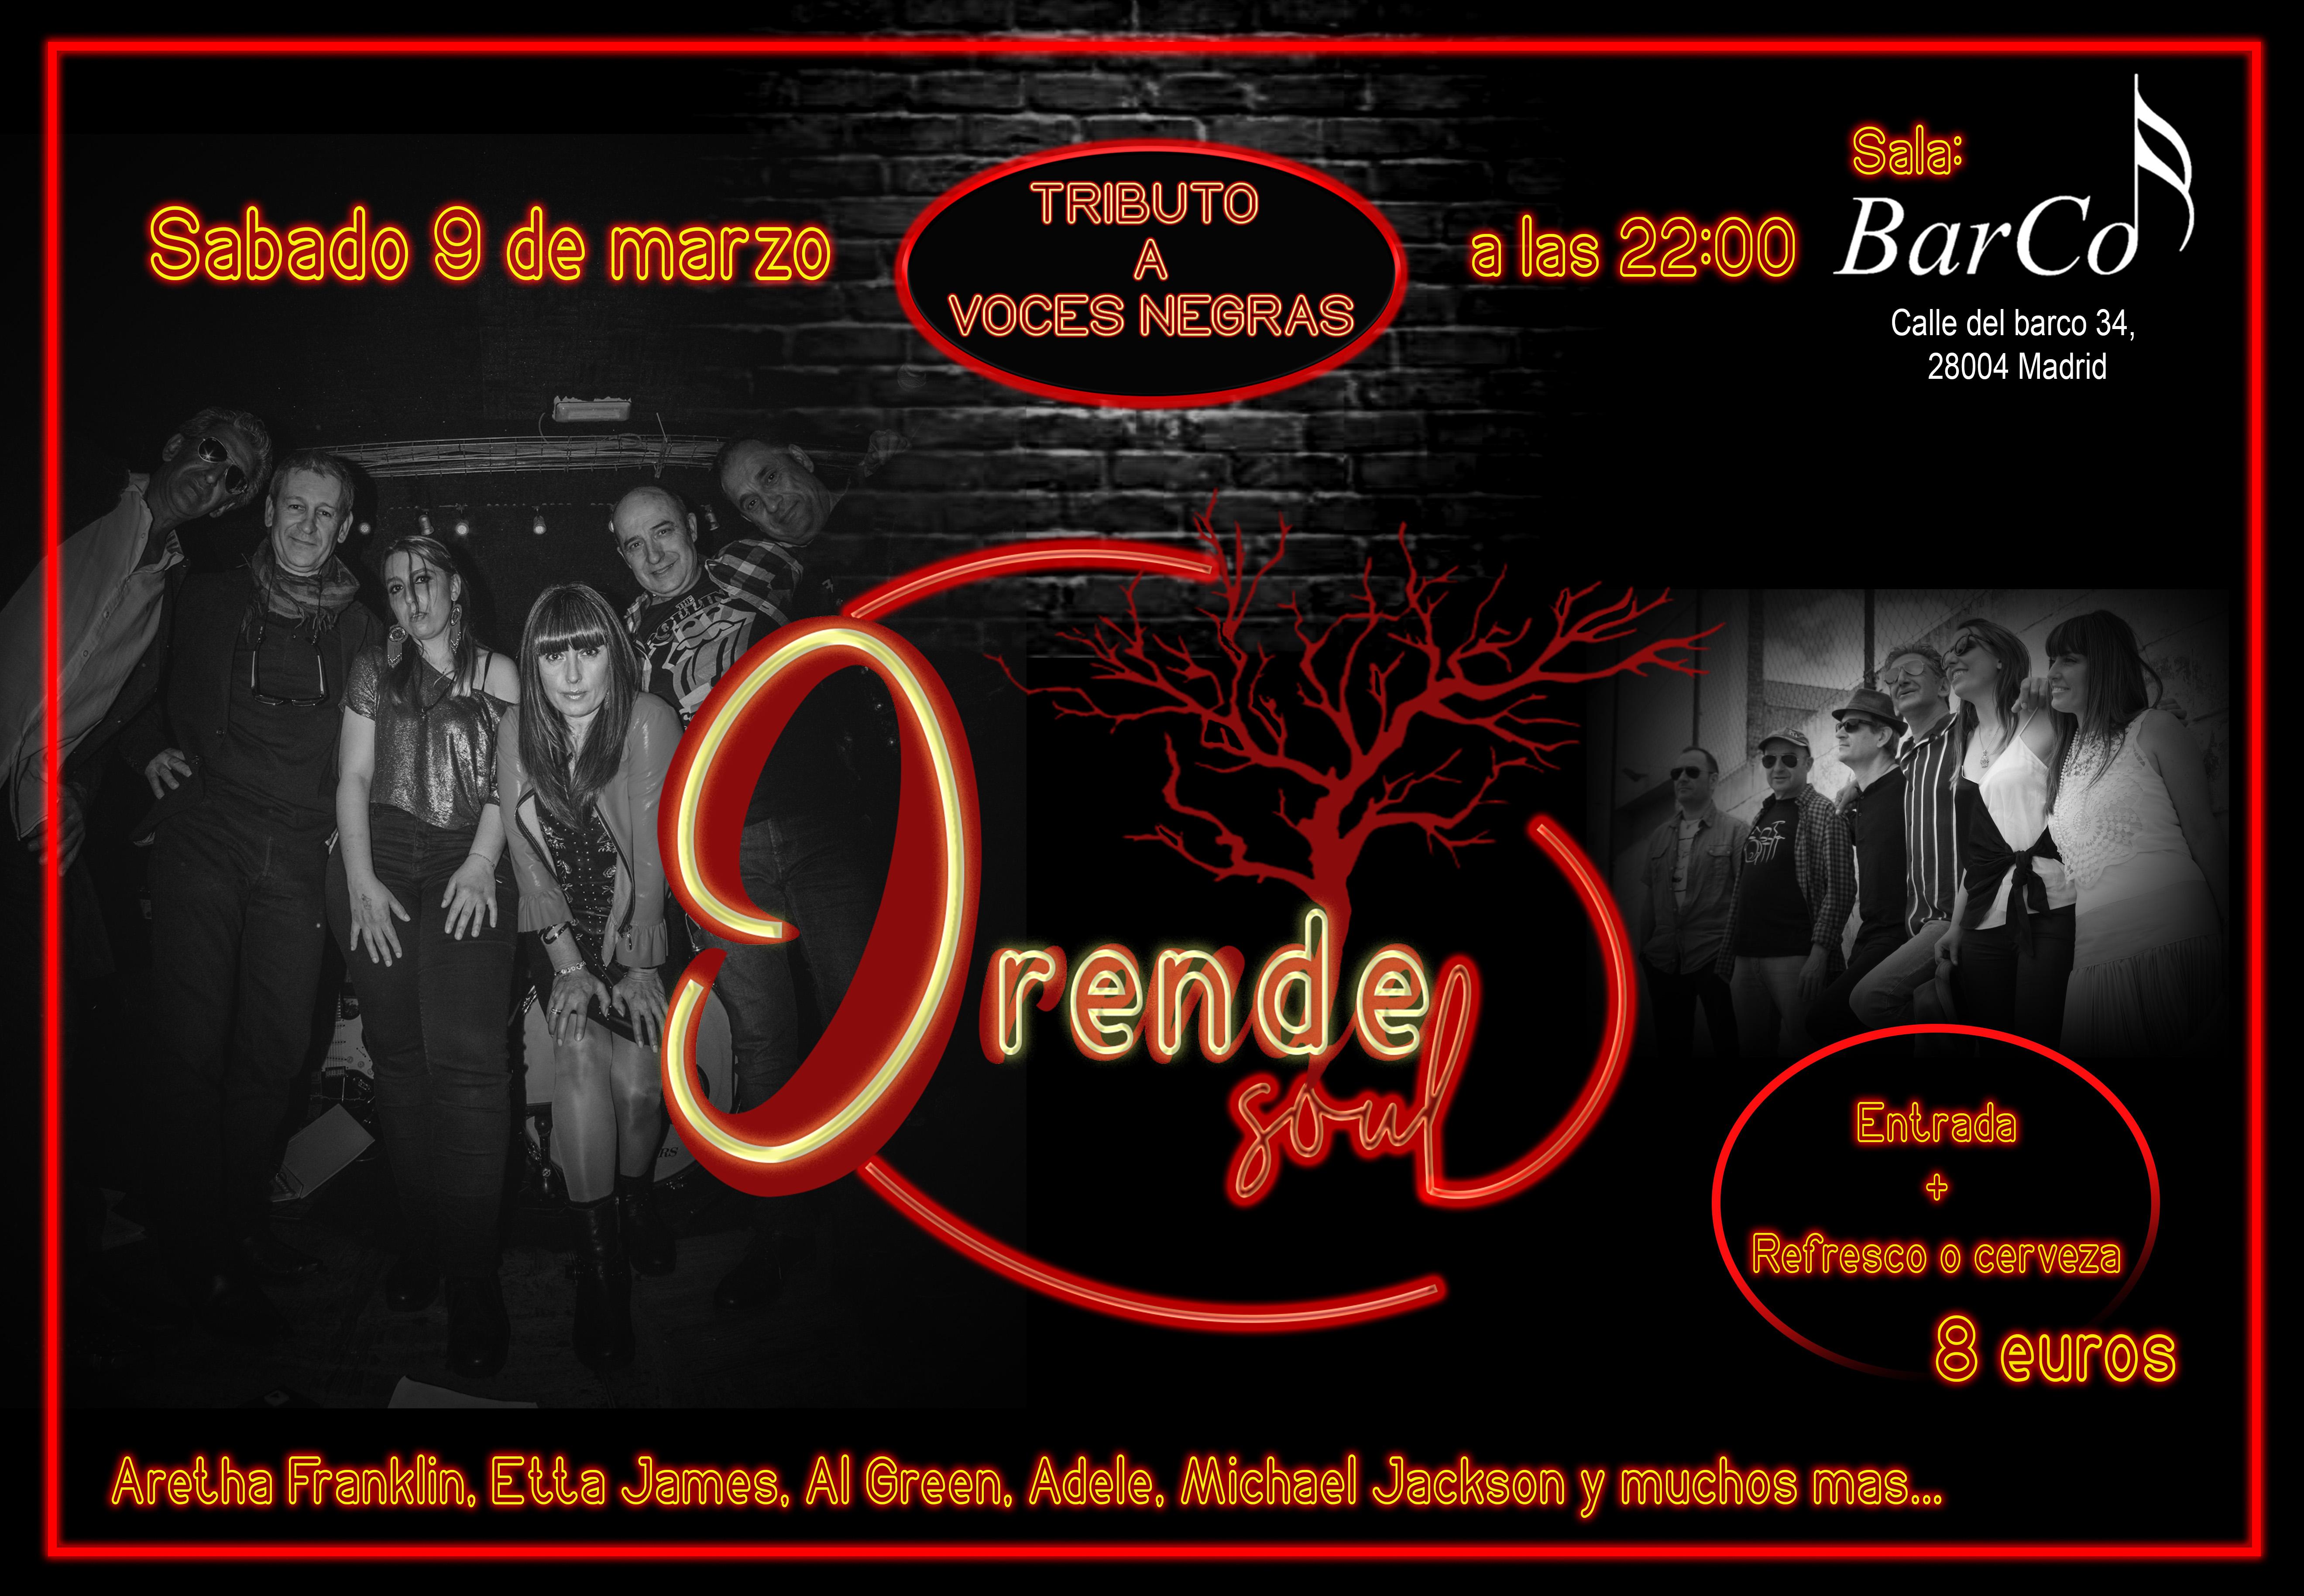 Presentación Orende Soul 09/03/19